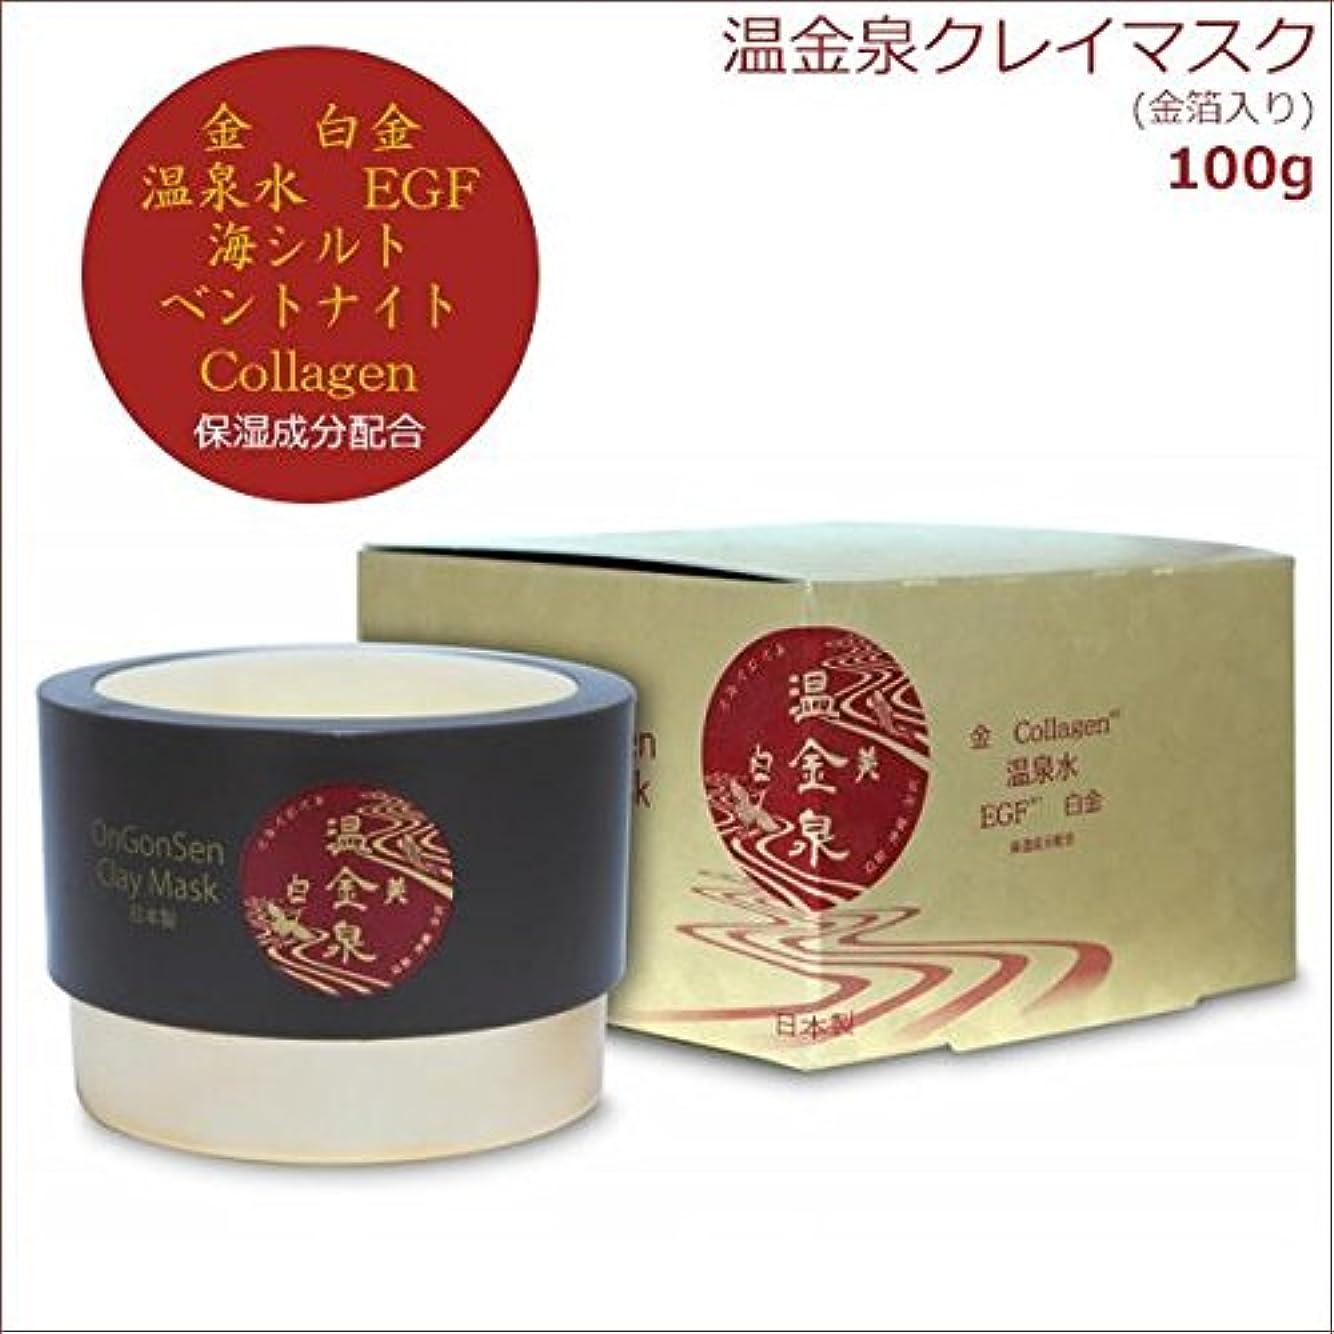 病弱センチメートル危険日本製 HiROSOPHY ヒロソフィー 温金泉(オンゴンセン)クレイマスク 金箔入り 100g